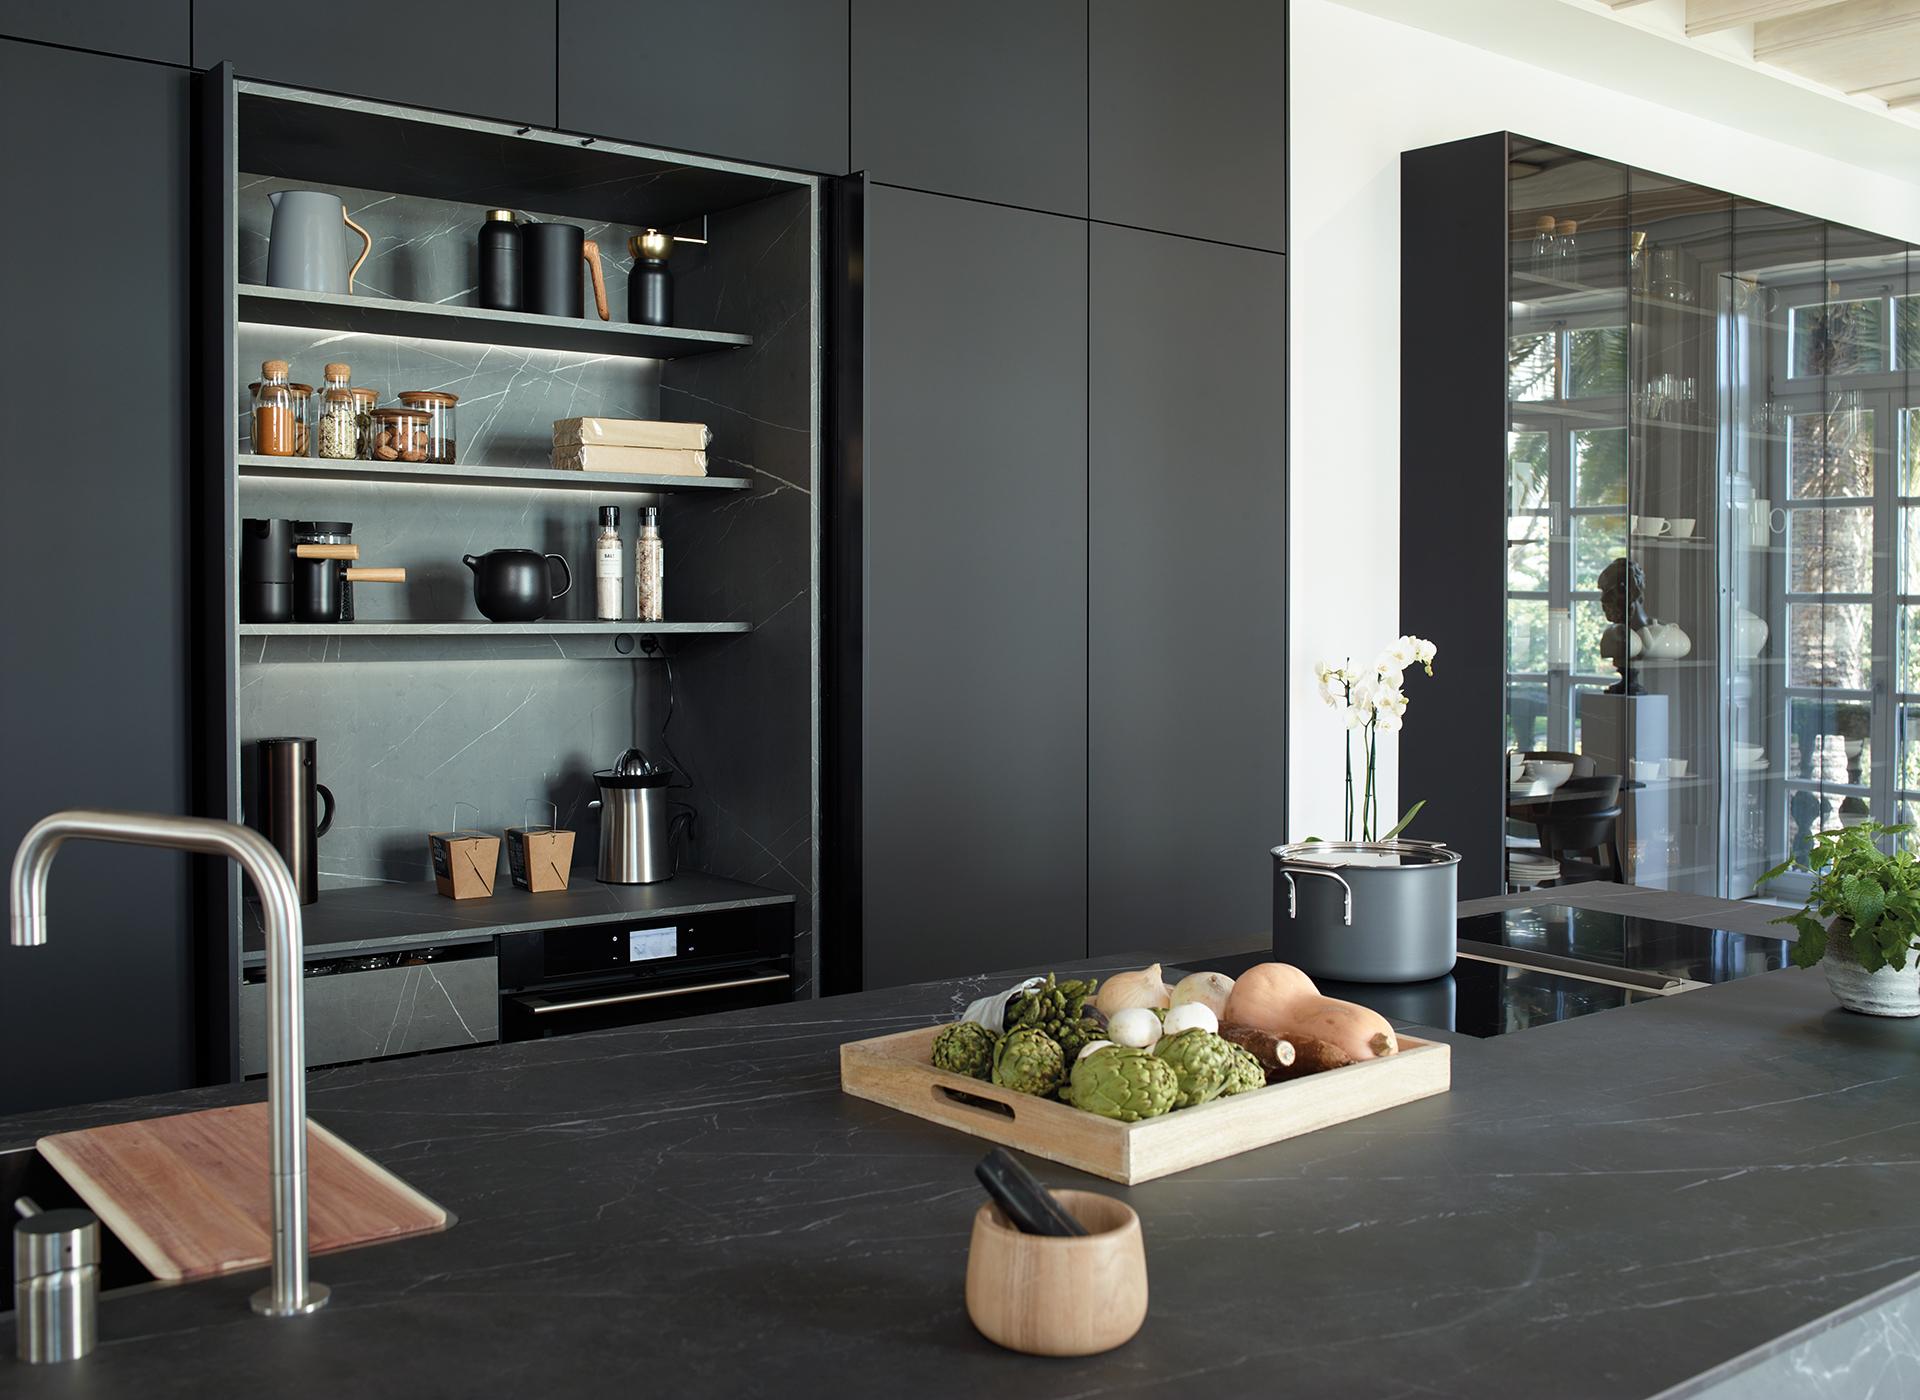 Cocina gris y negra con isla Santos